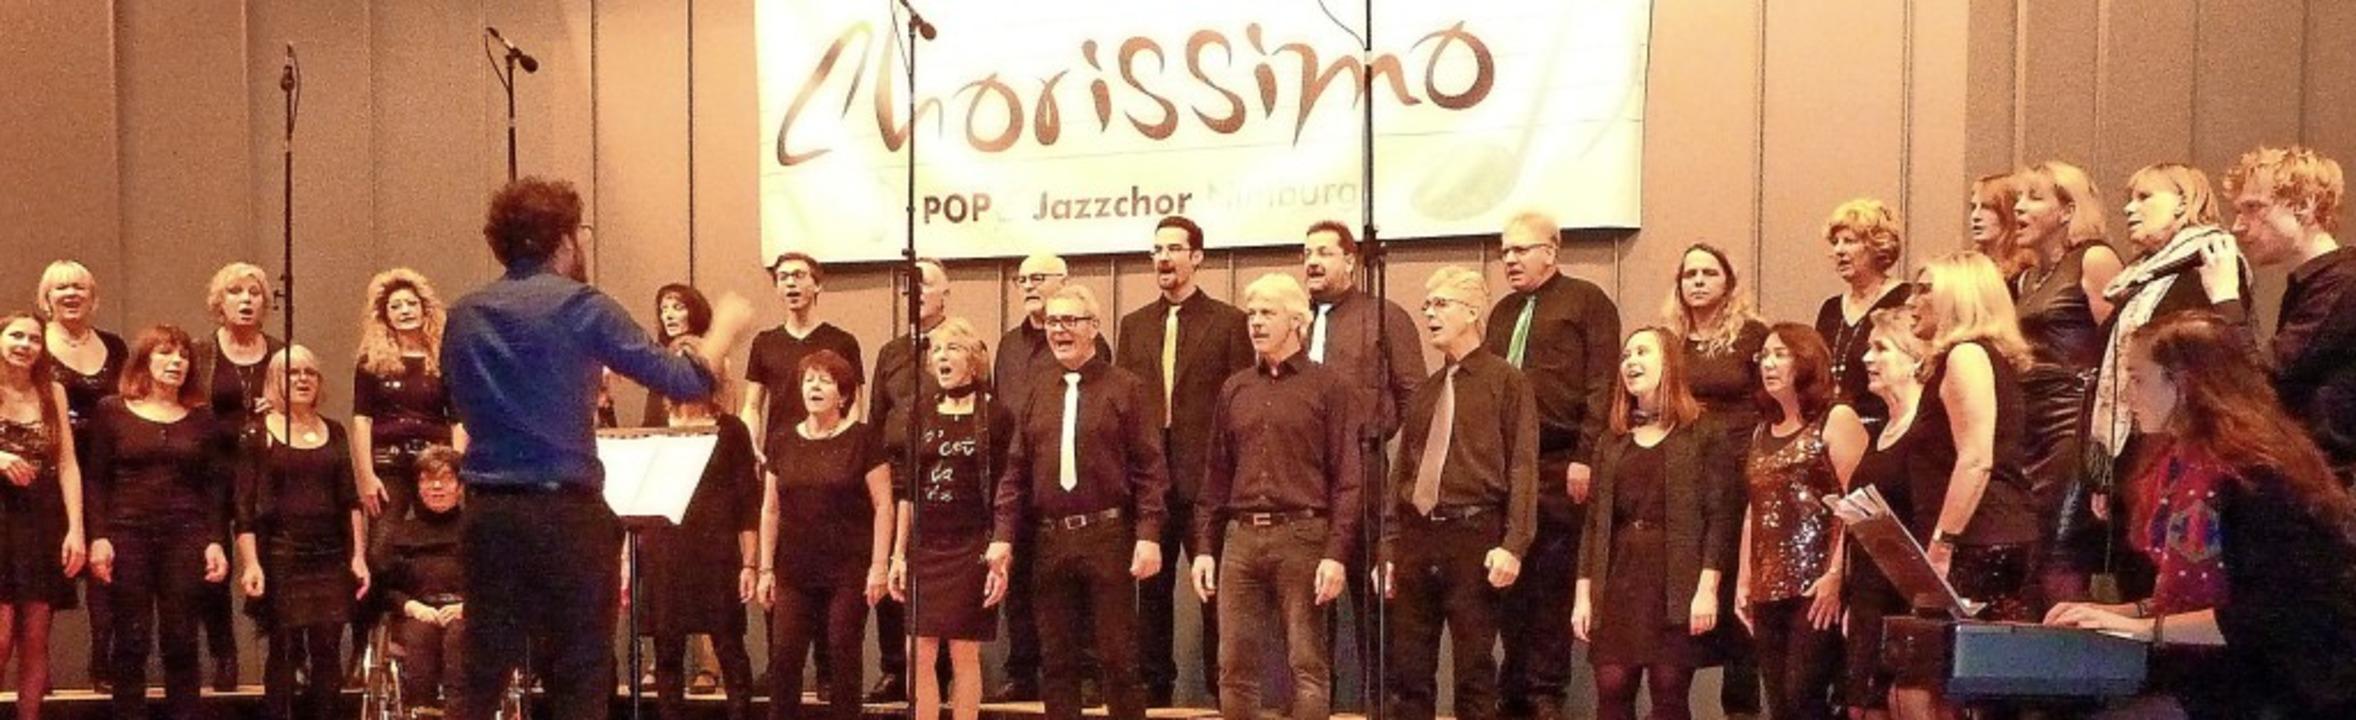 Chorissimo begeisterte die Zuhörer in ...halle durch ein mitreißendes Konzert.   | Foto: Karlernst Lauffer